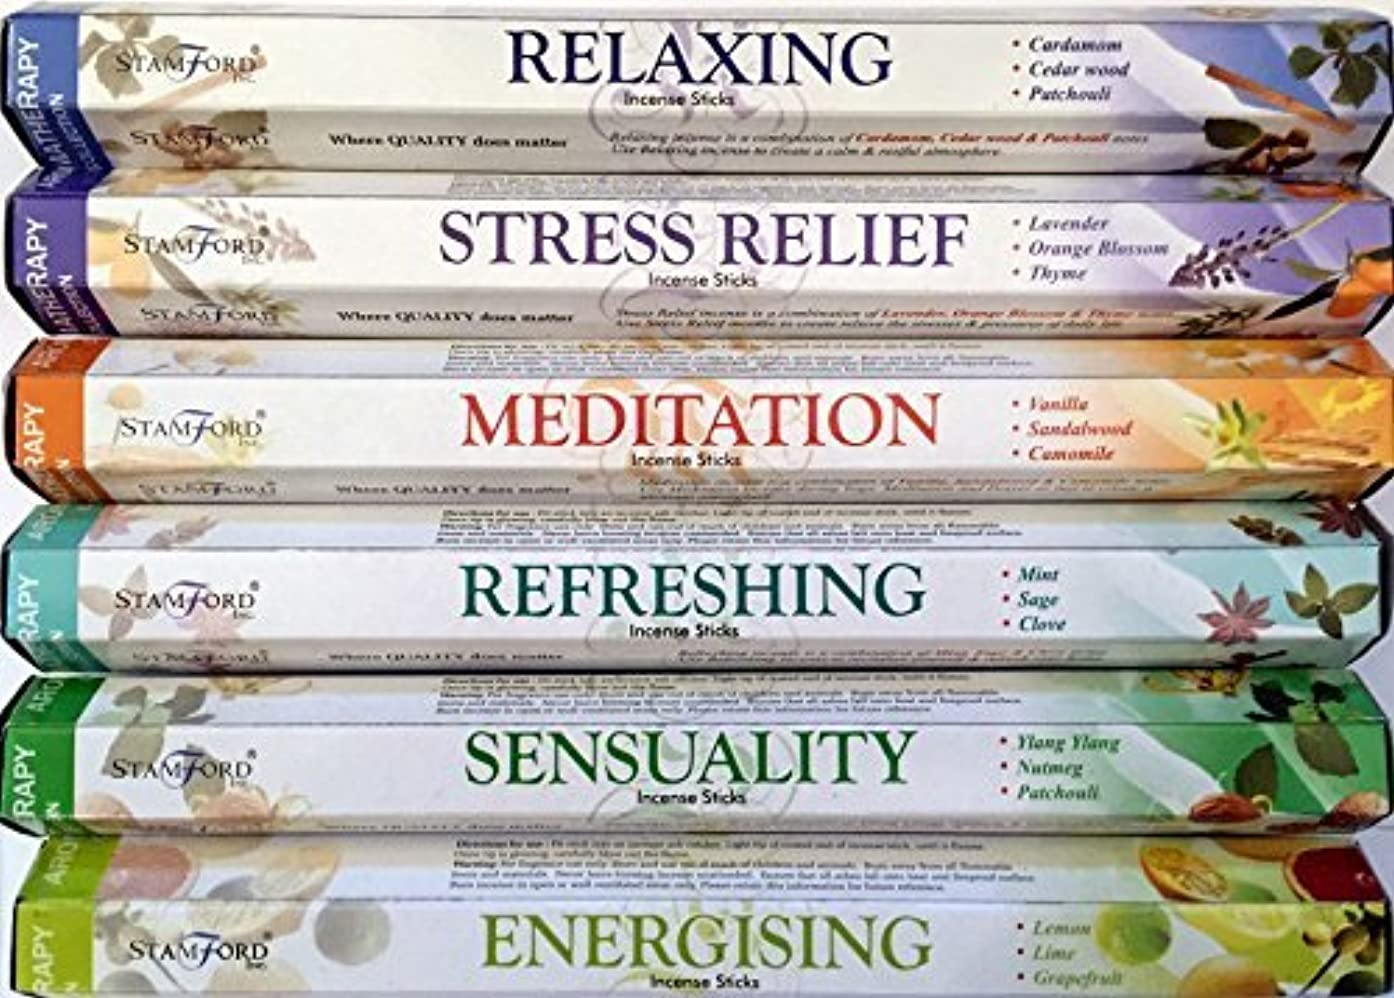 俳優パキスタン不格好120 SticksのStamfordプレミアムアロマセラピーHex範囲Incense Sticks – リラックス、ストレスリリーフ、瞑想、リフレッシュ、Sensuality & Energising Incense...